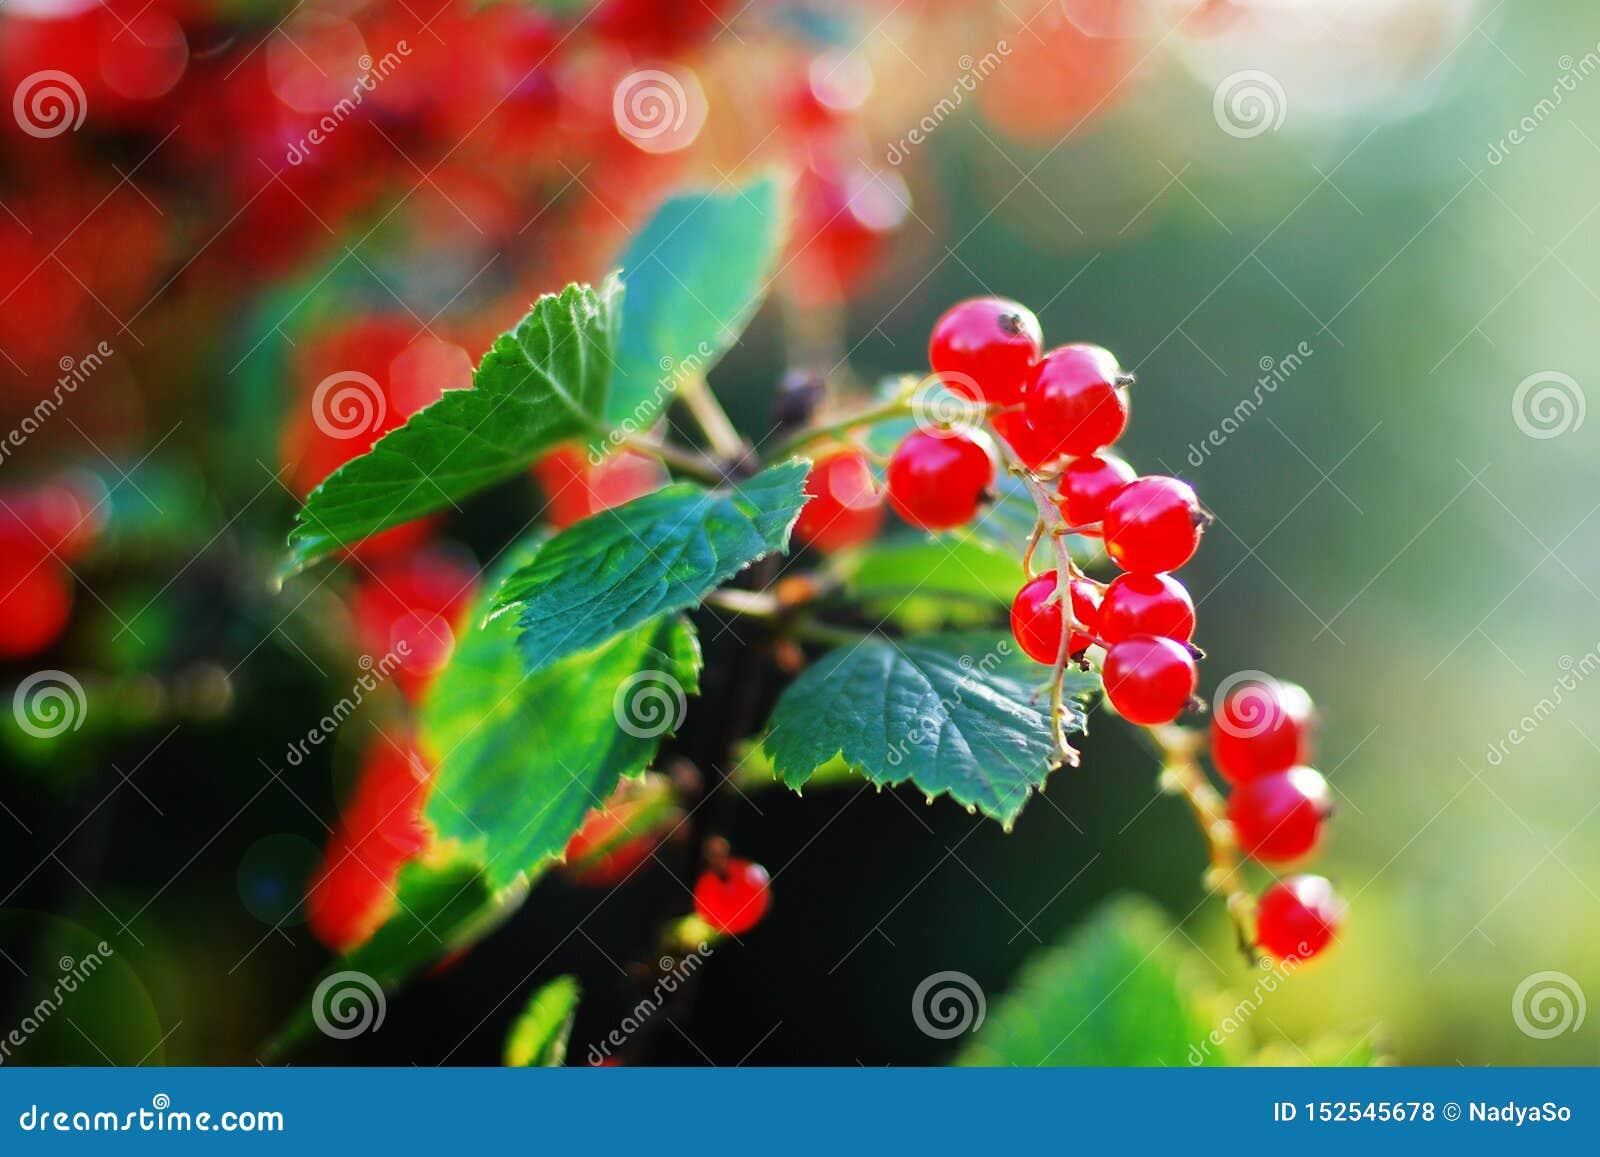 生长在太阳强光的庭院里的红浆果莓果